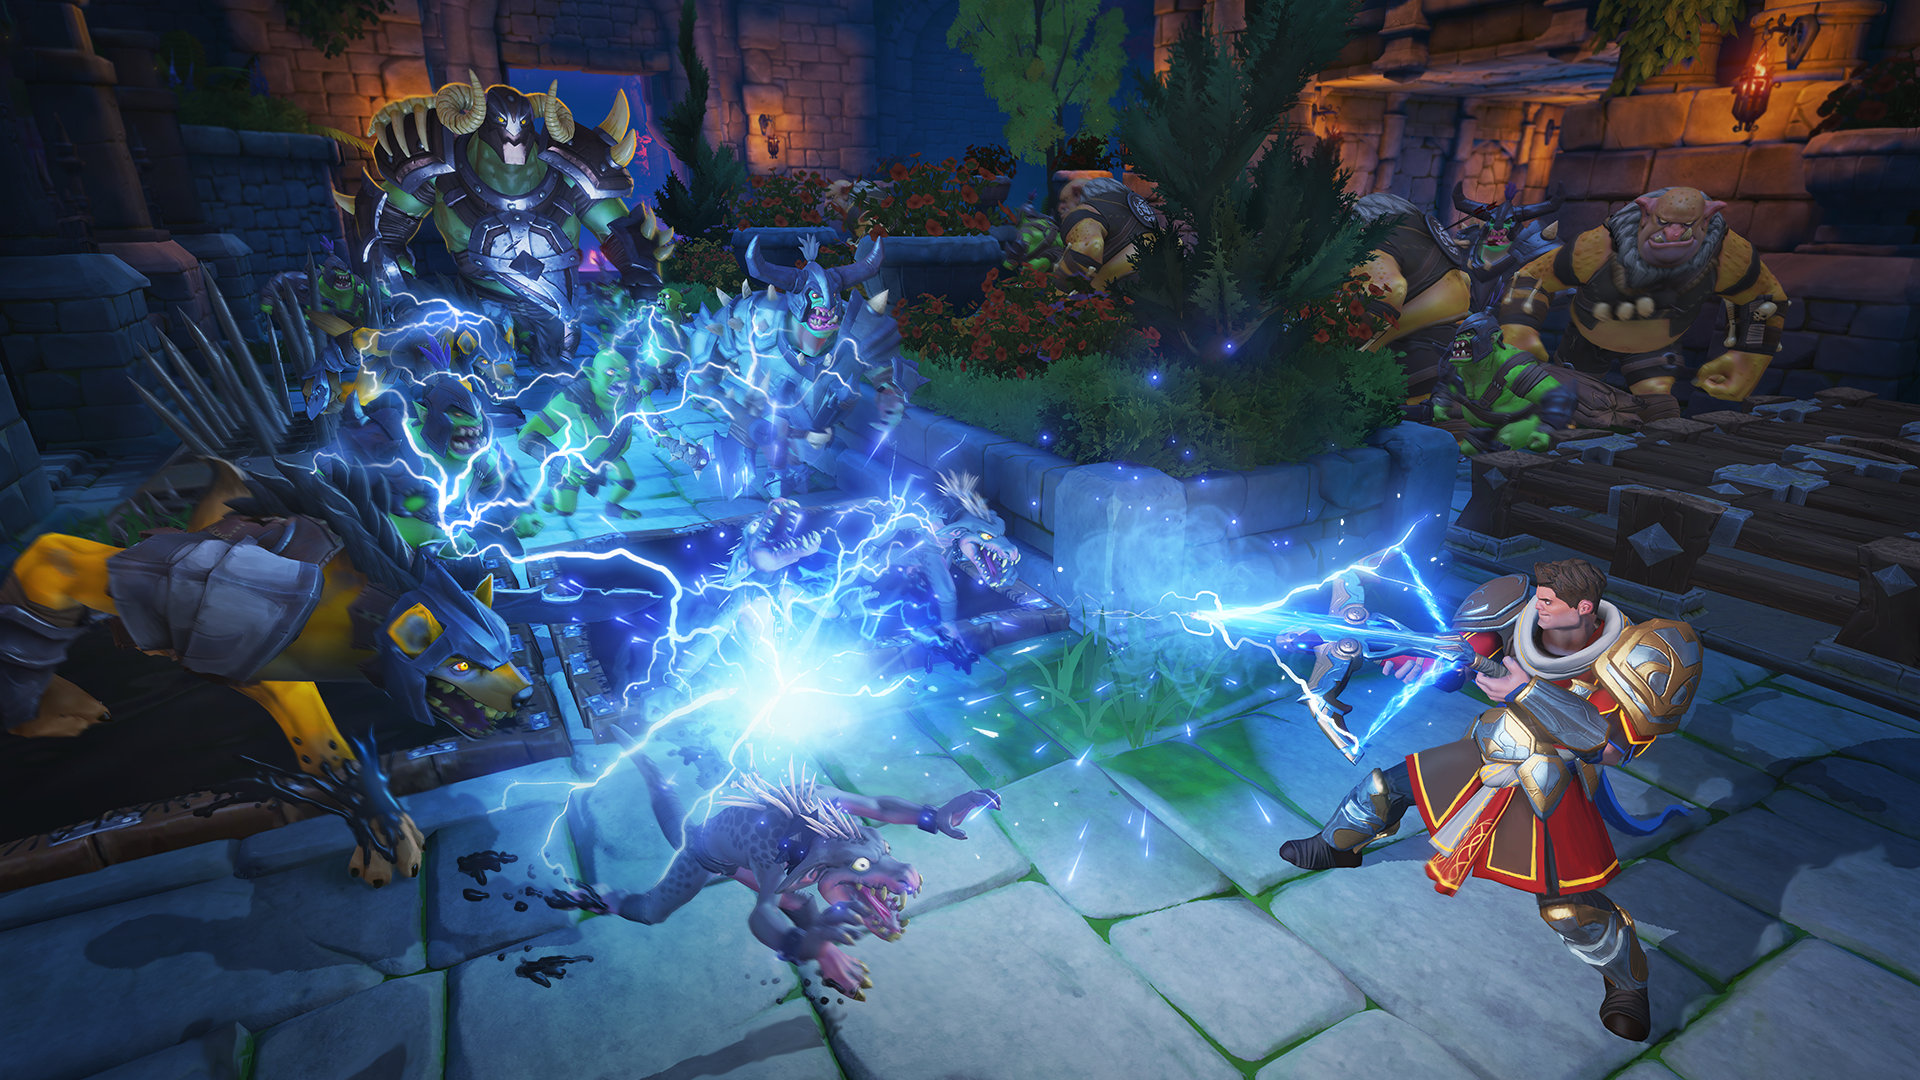 orcs must die unchained screenshot 4 - Orcs Must Die